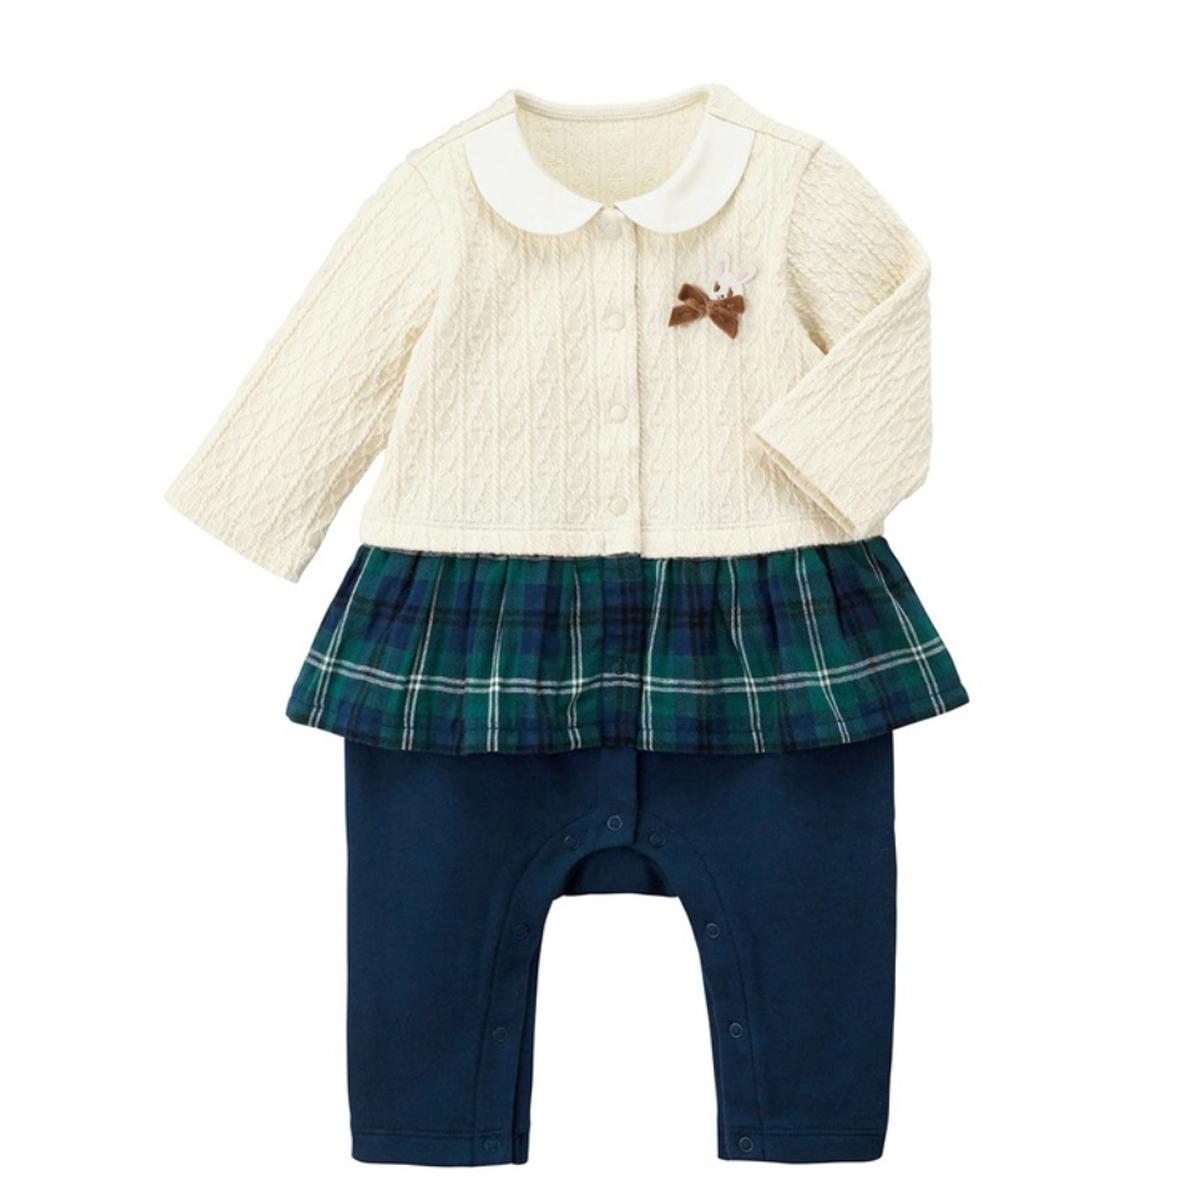 【MIKIHOUSE ミキハウス】重ね着風カバーオール(70cm・80cm)【出産祝い・ギフトに】